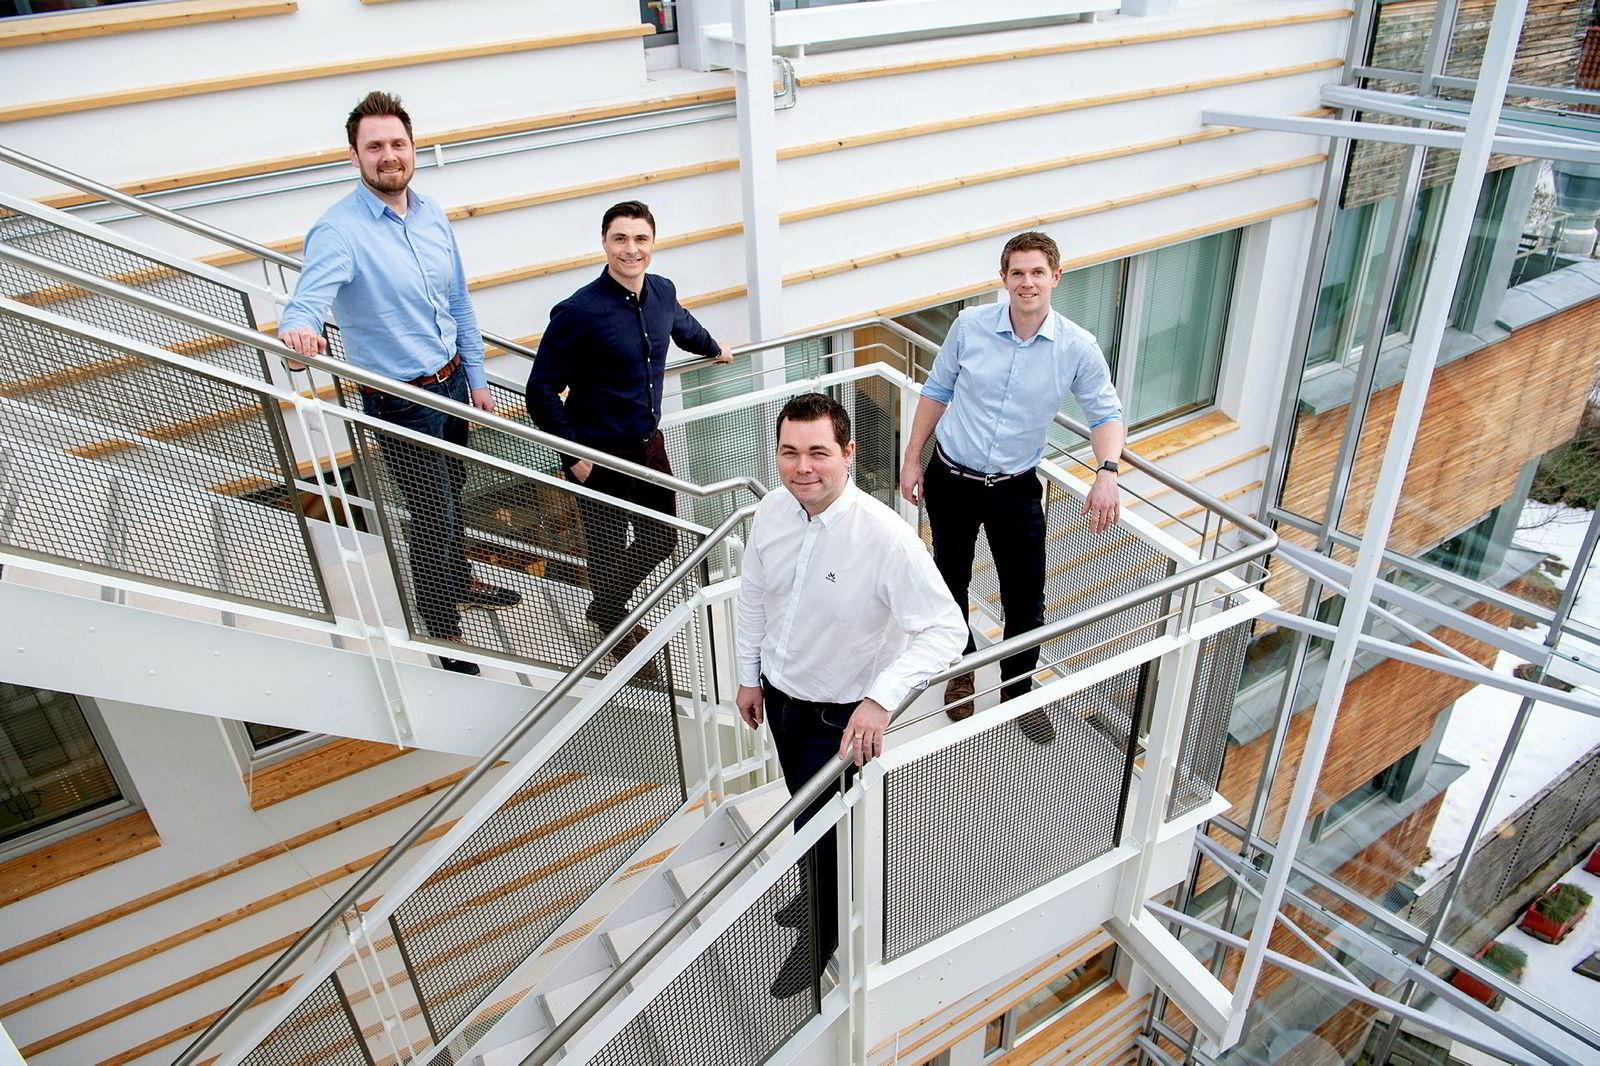 Ardoq: Erik Bakstad, teknologisjef (tv), Kristian Øvsthus, Idekapital, partner, Magnus Valmot, administrerende direktør og Magnulf Pilskog, gründer og innovasjonssjef.